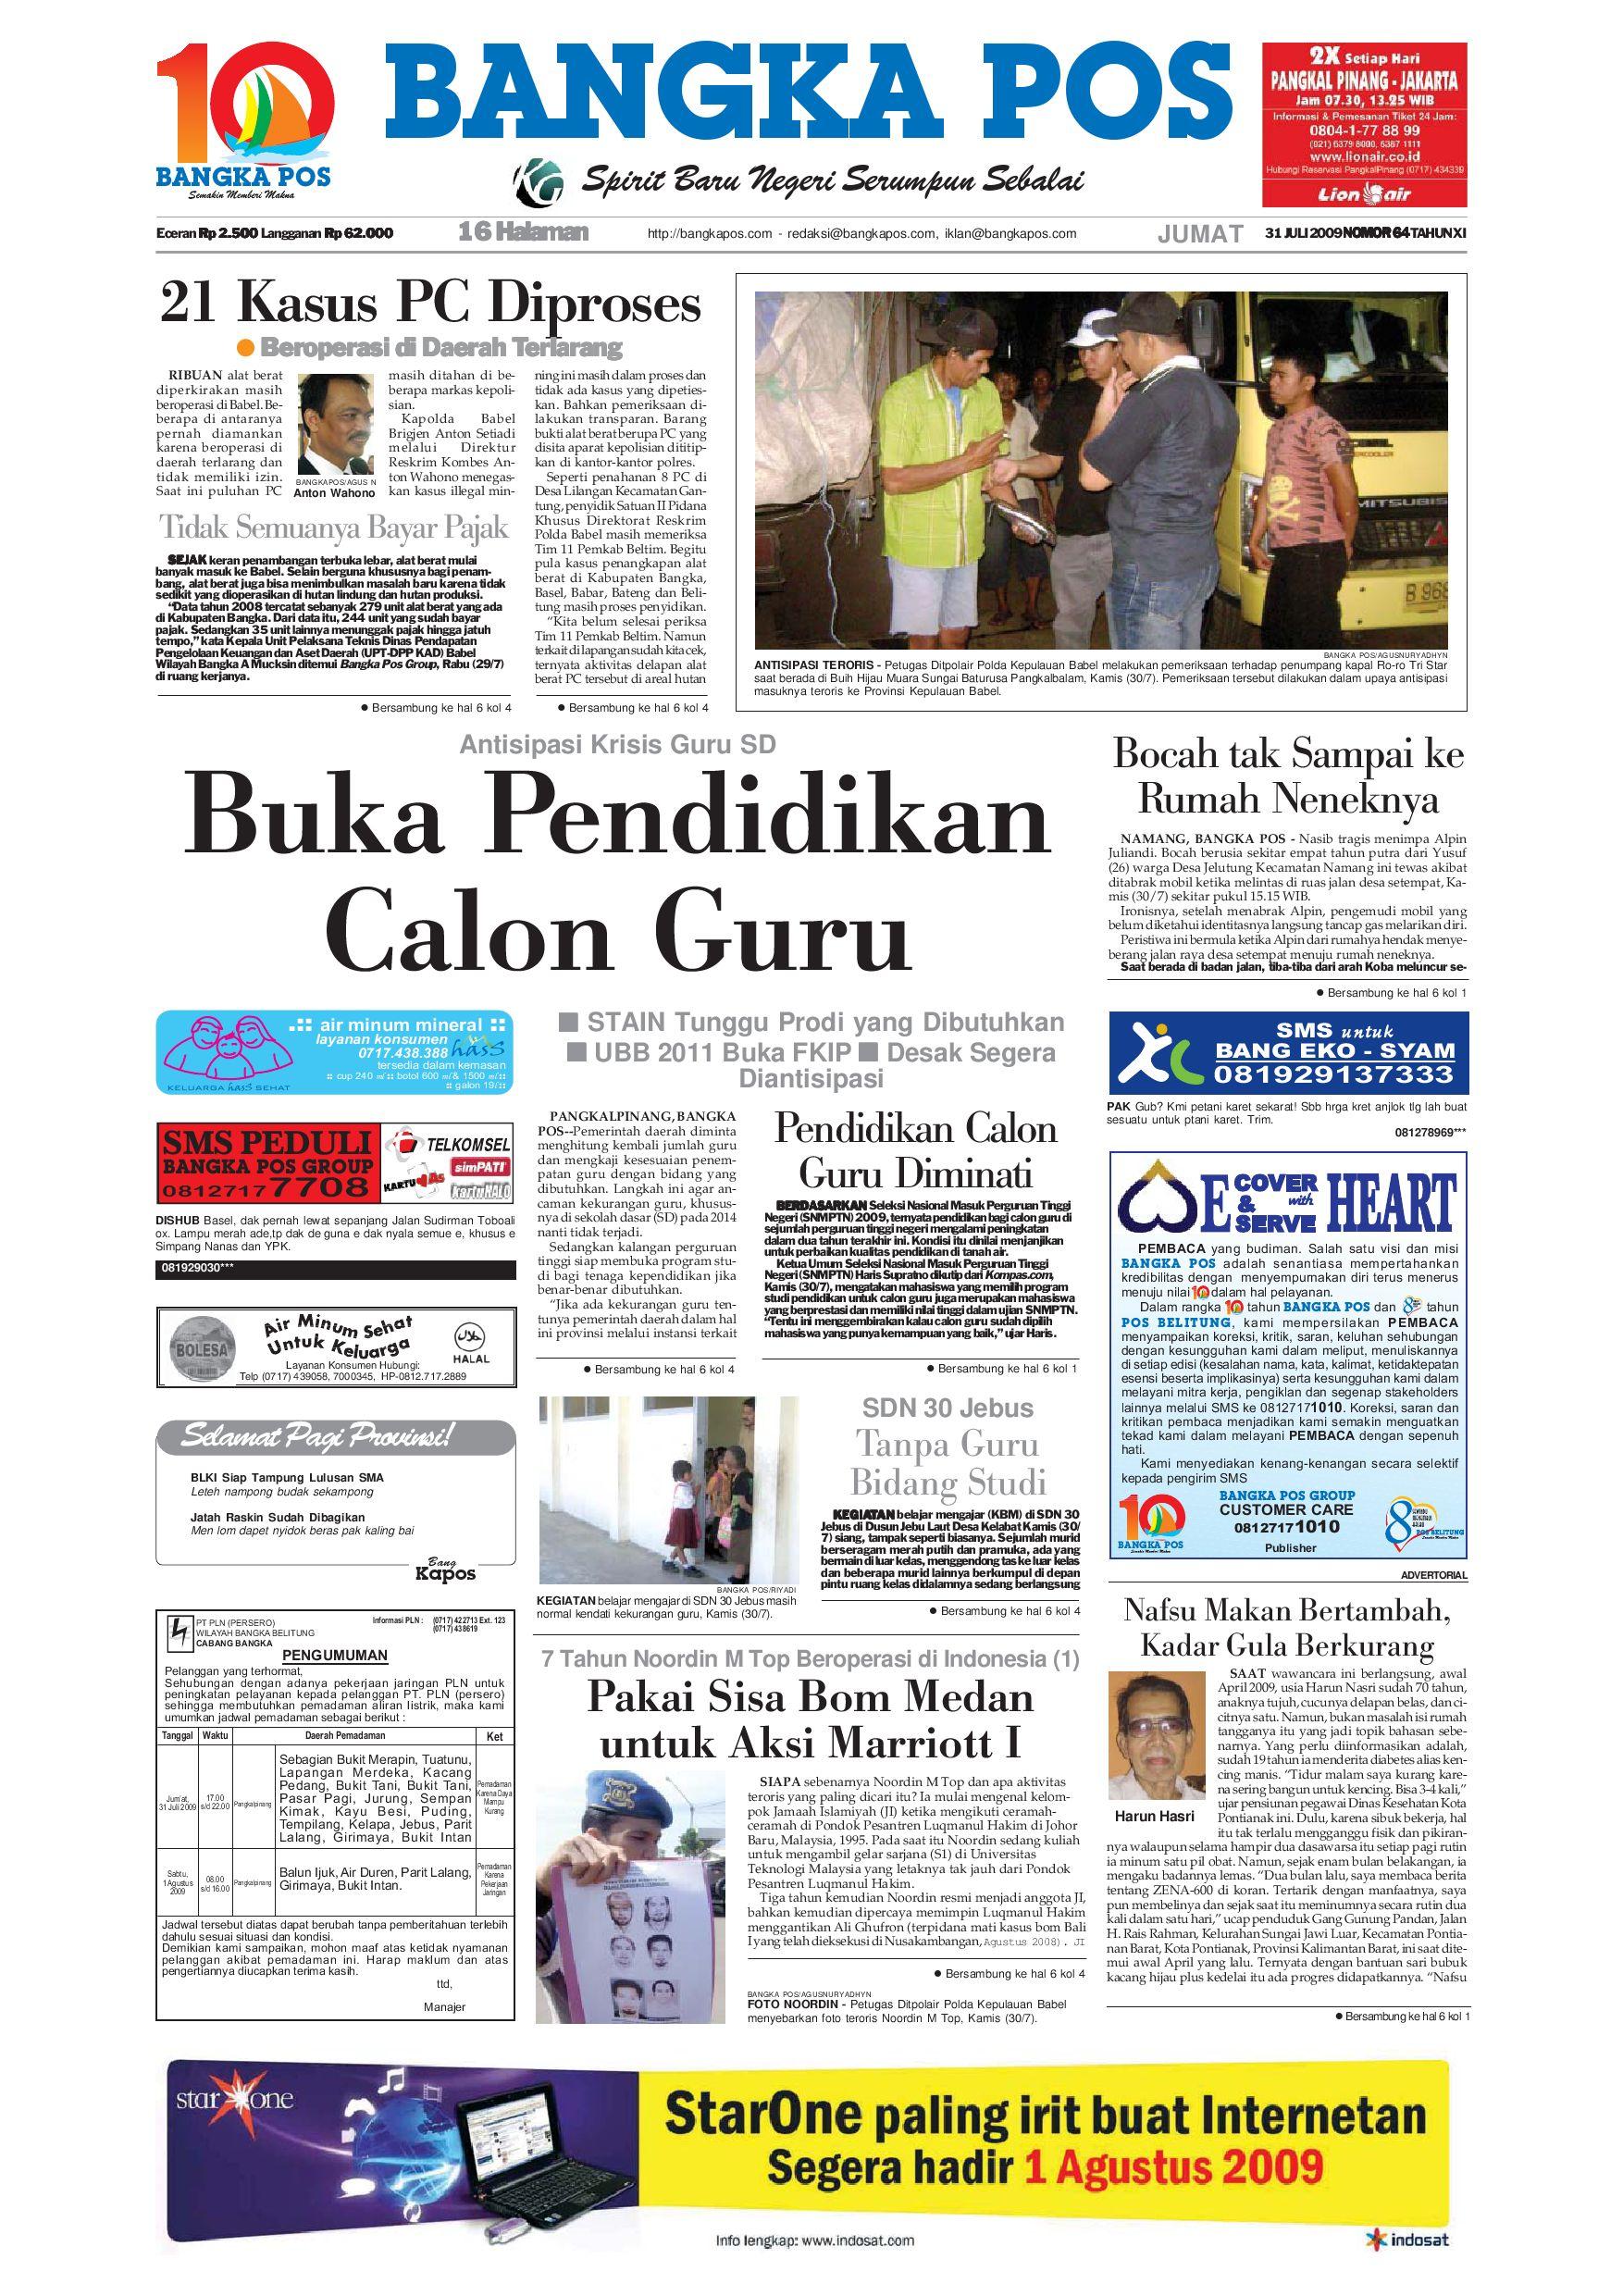 harian pagi bangka pos edisi 31 juli 2009 by bangka pos issuu240 Barisan Kasir Minimarket Ini Bisa Bikin Kamu Betah Belanja Di Minimarket Guys #8